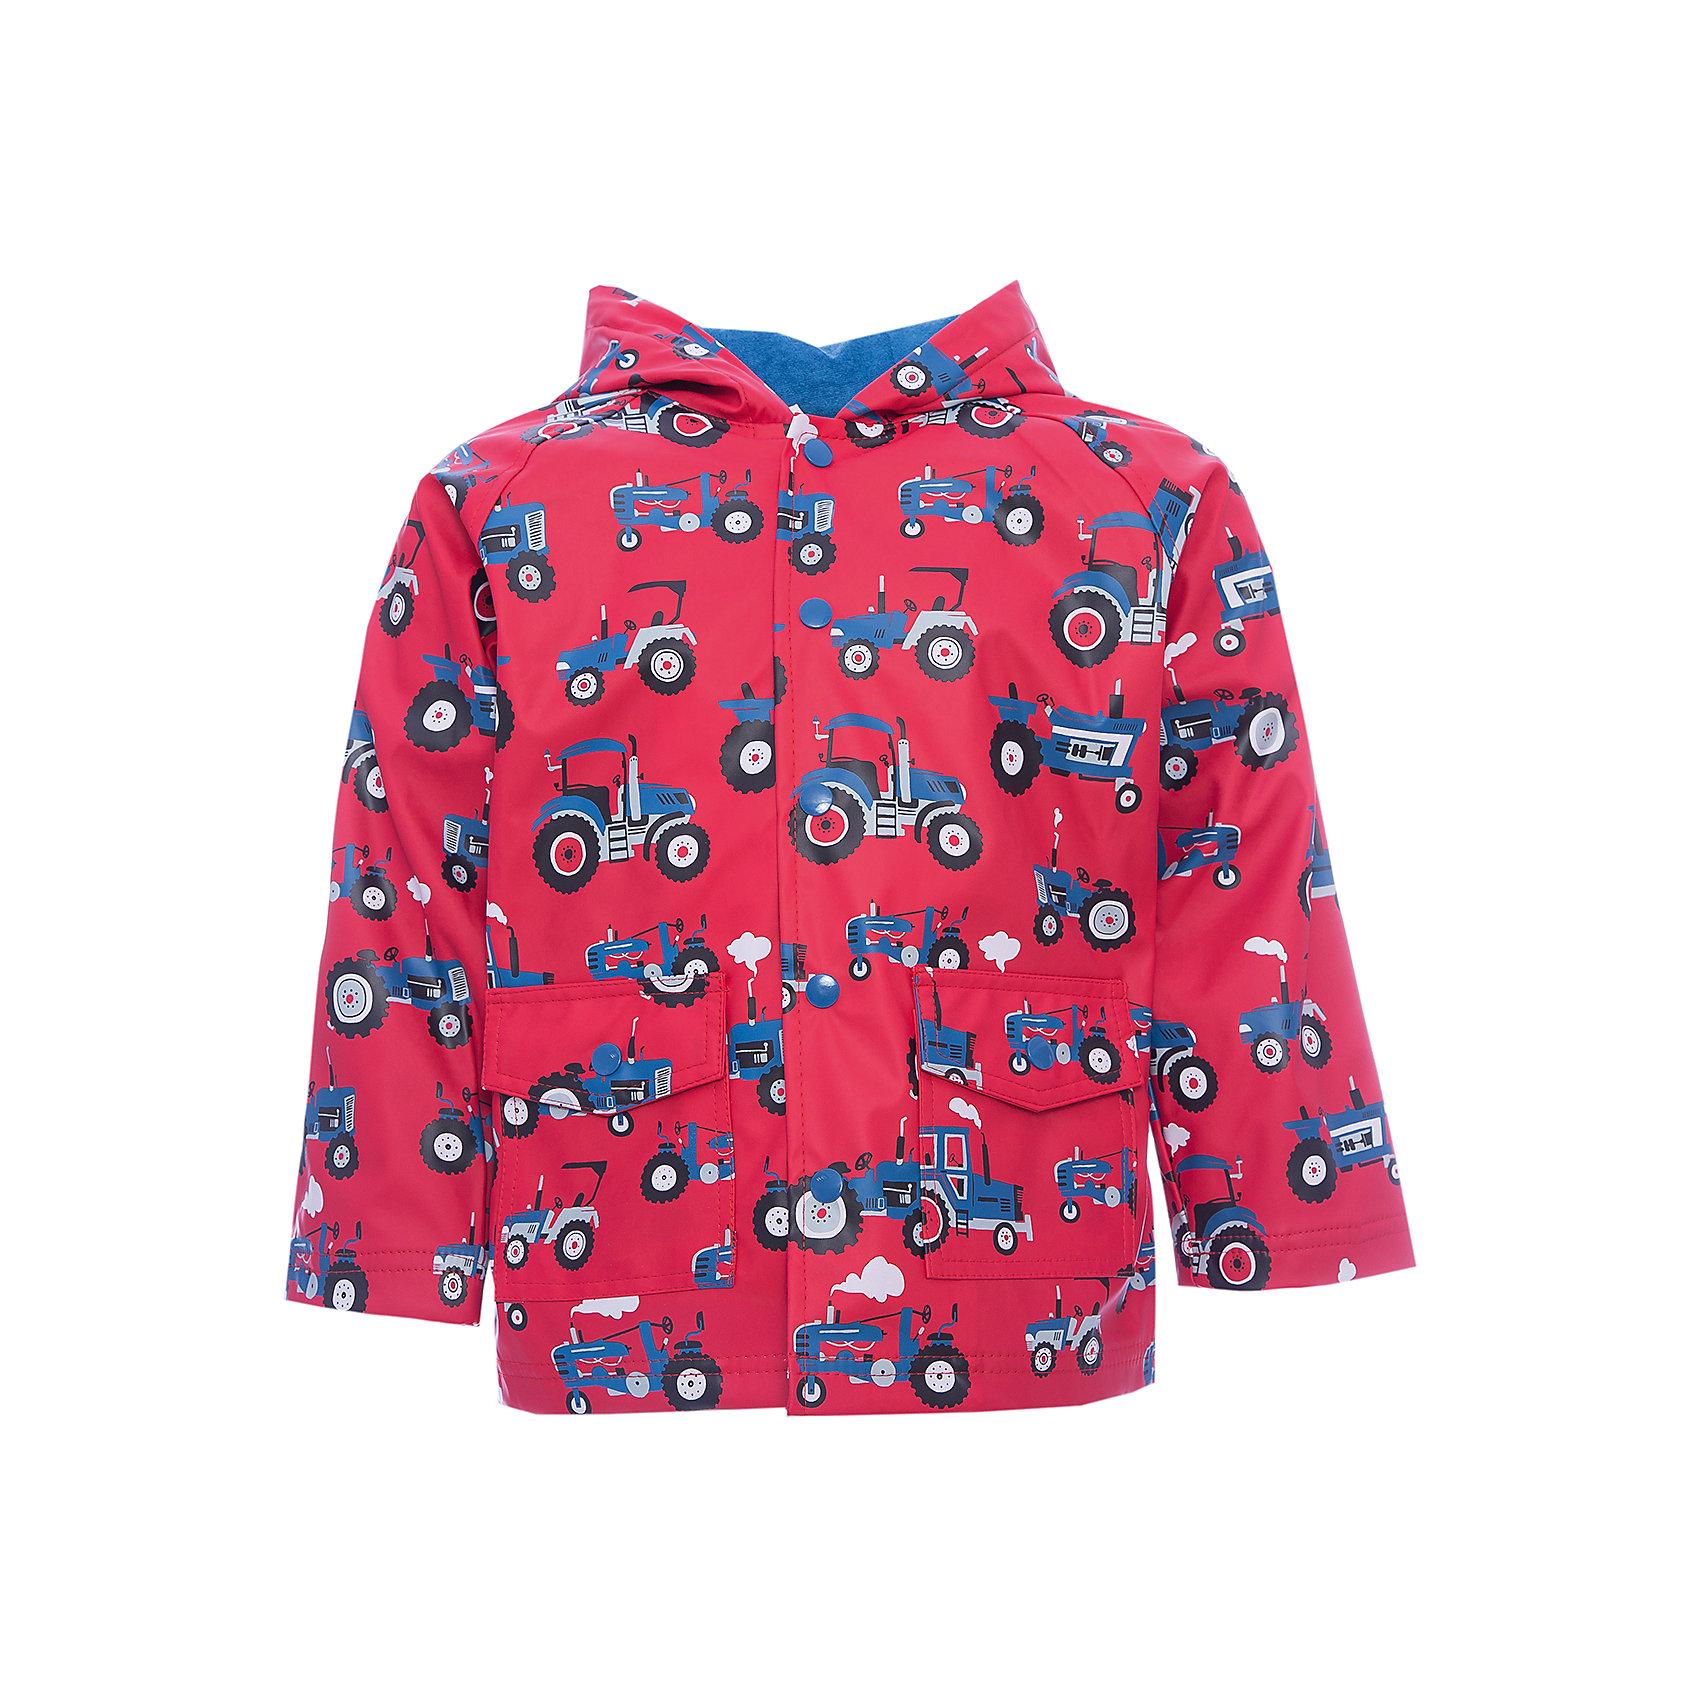 Hatley Плащ для мальчика Hatley купить вешалку напольную для брюк и